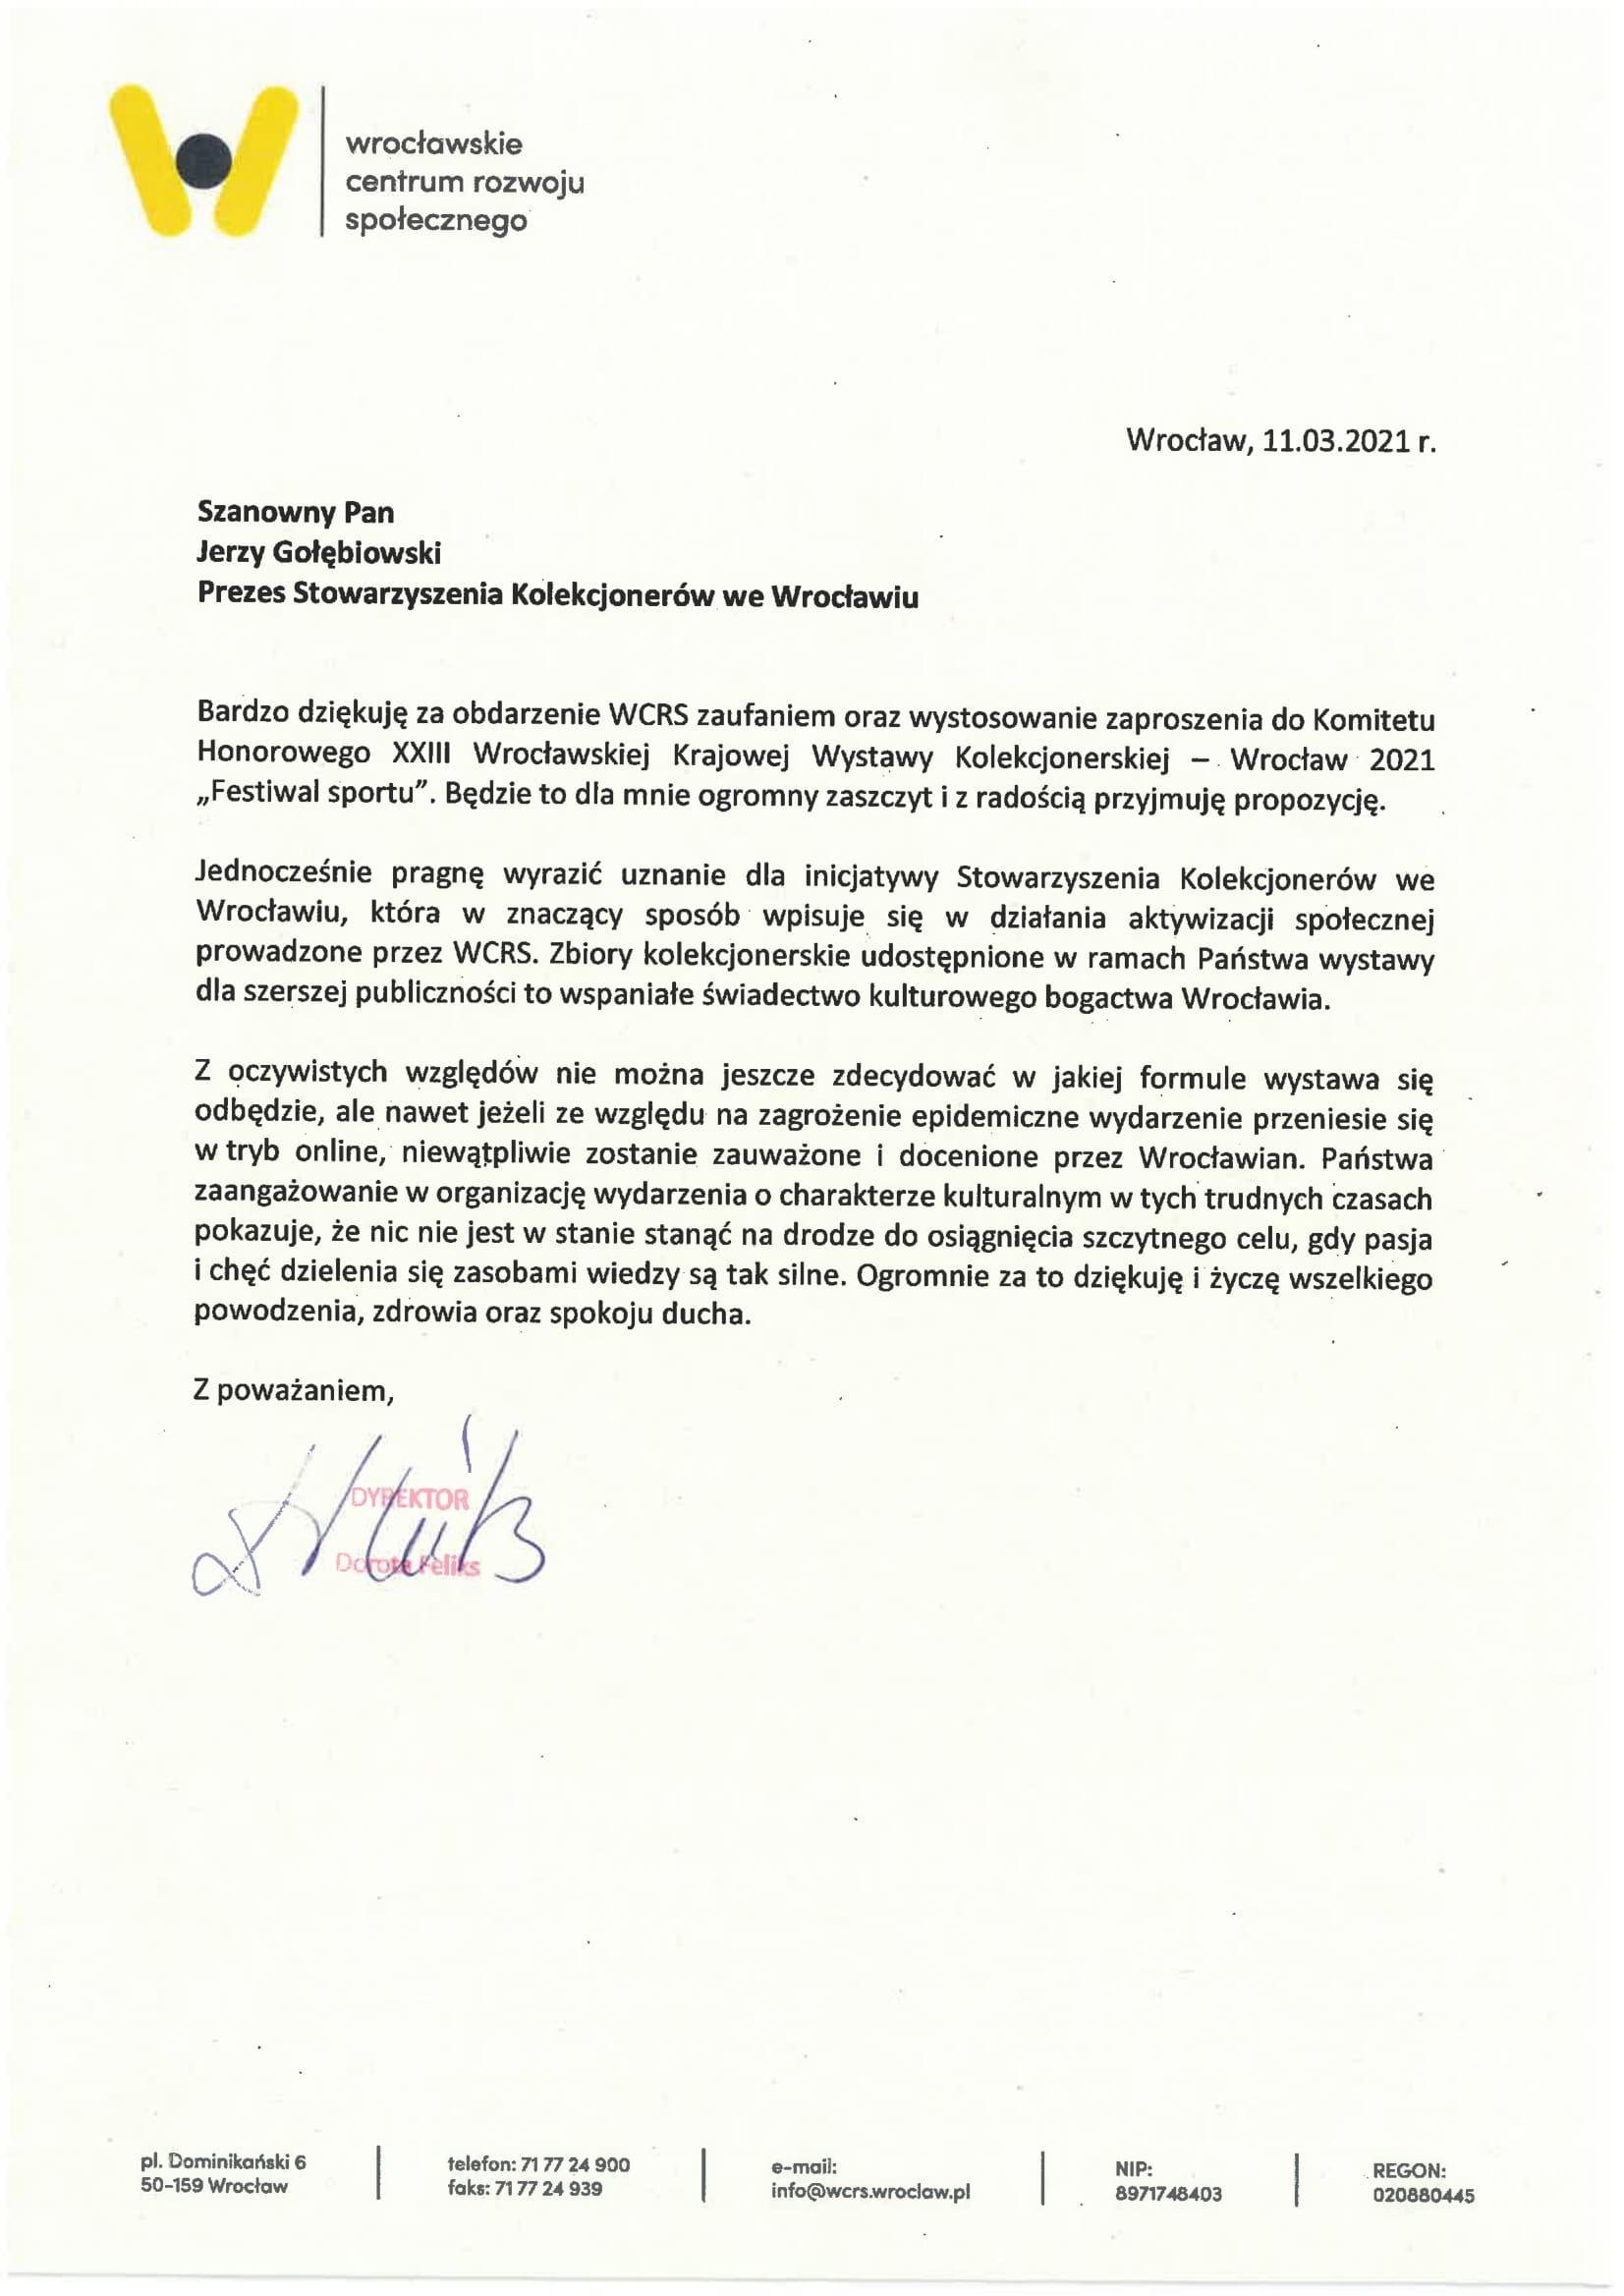 Stowarzyszenie Kolekcjonerow we Wroclawiu-CRSS-1